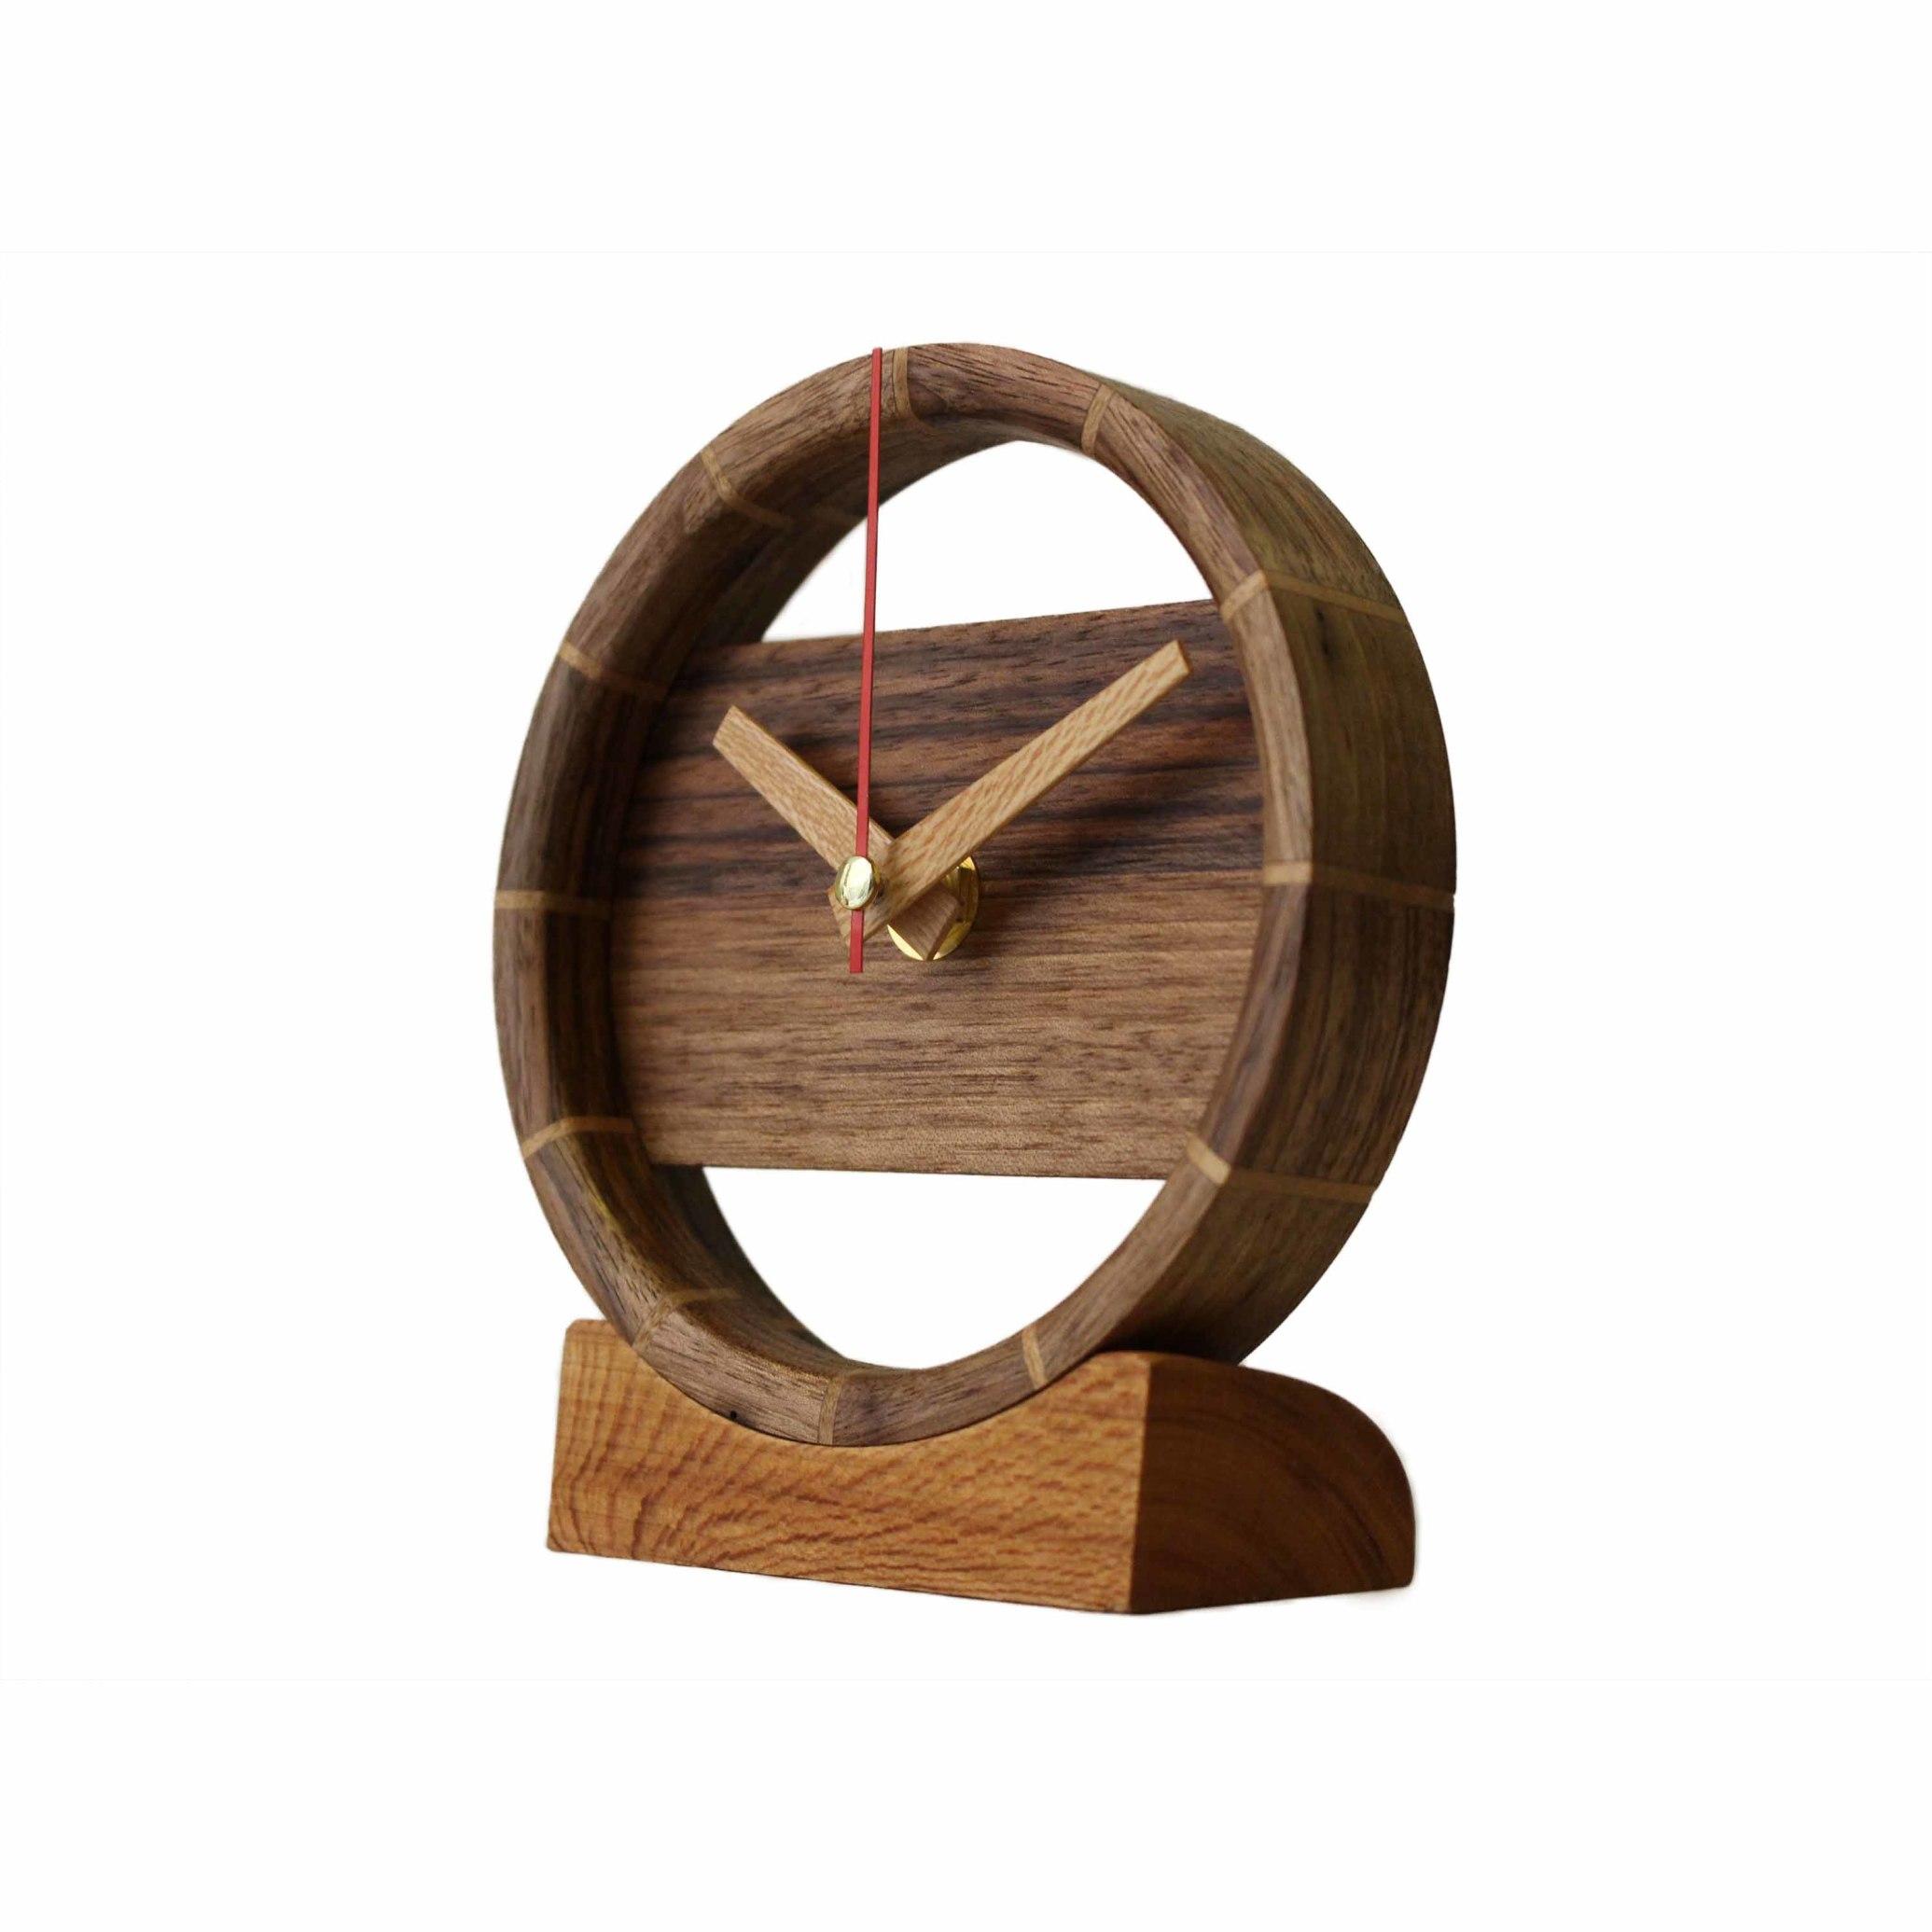 ساعت رومیزی چوبی ساخته شده از چوب چنار و گردو